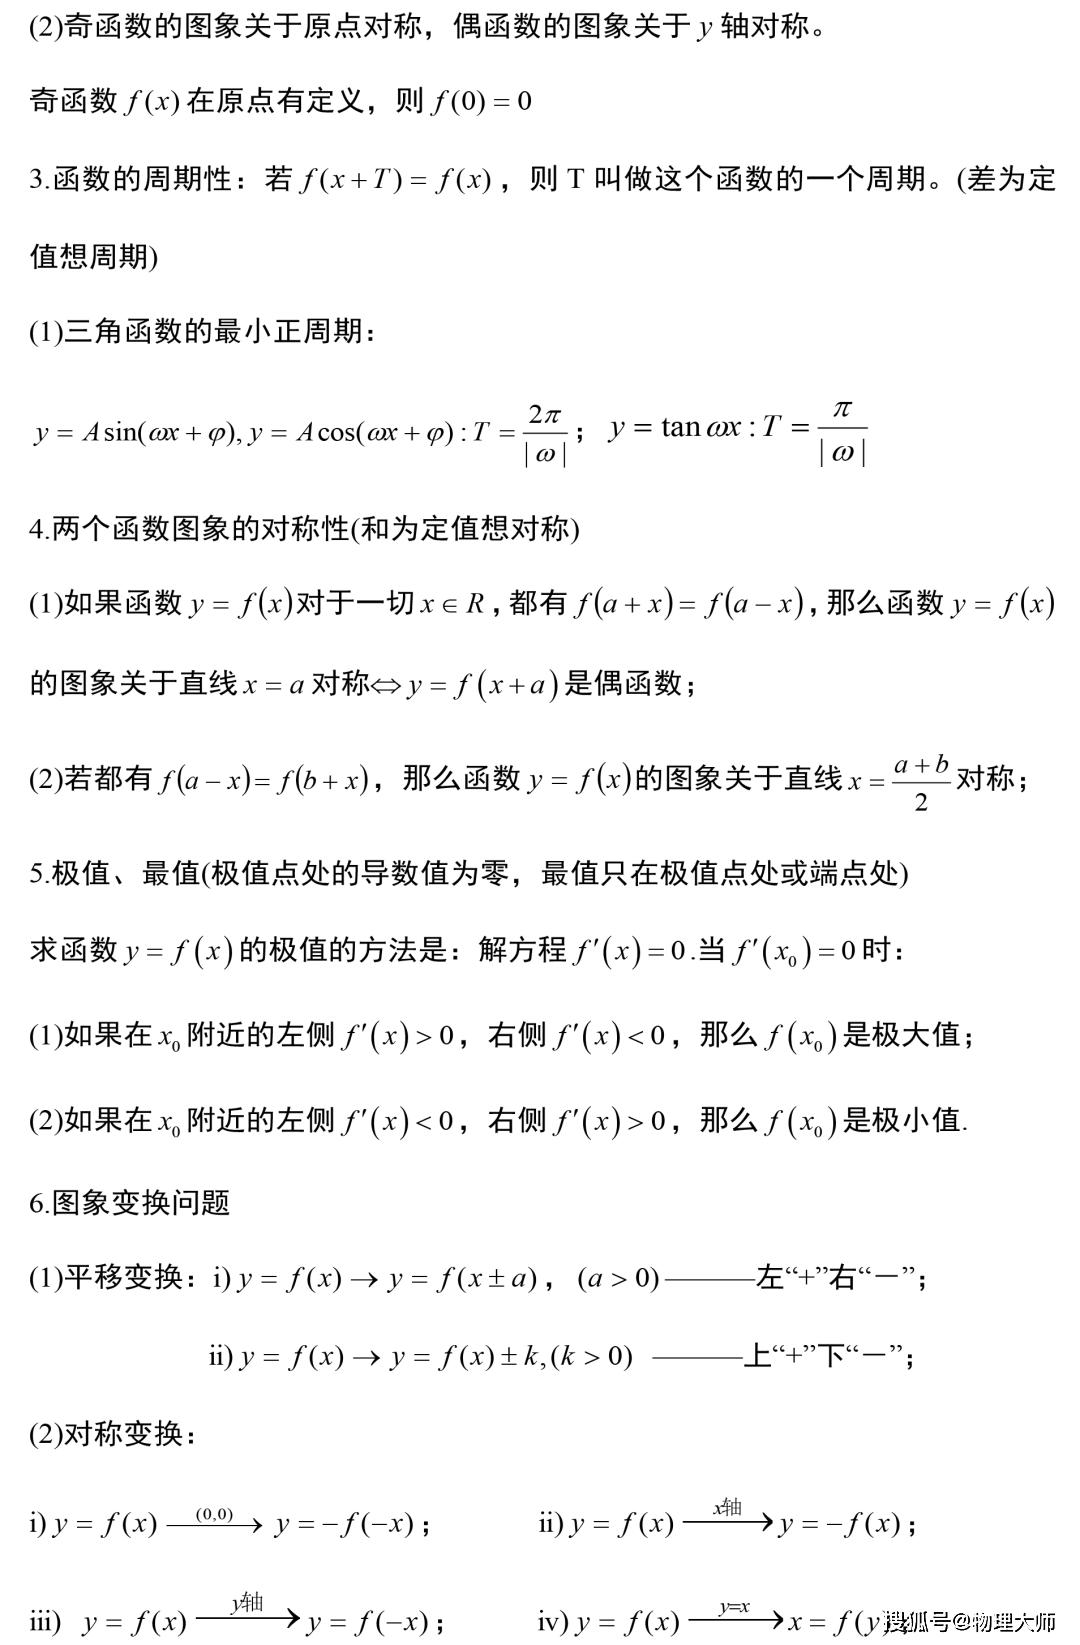 高中数学:全章节核心考点+公式汇总!